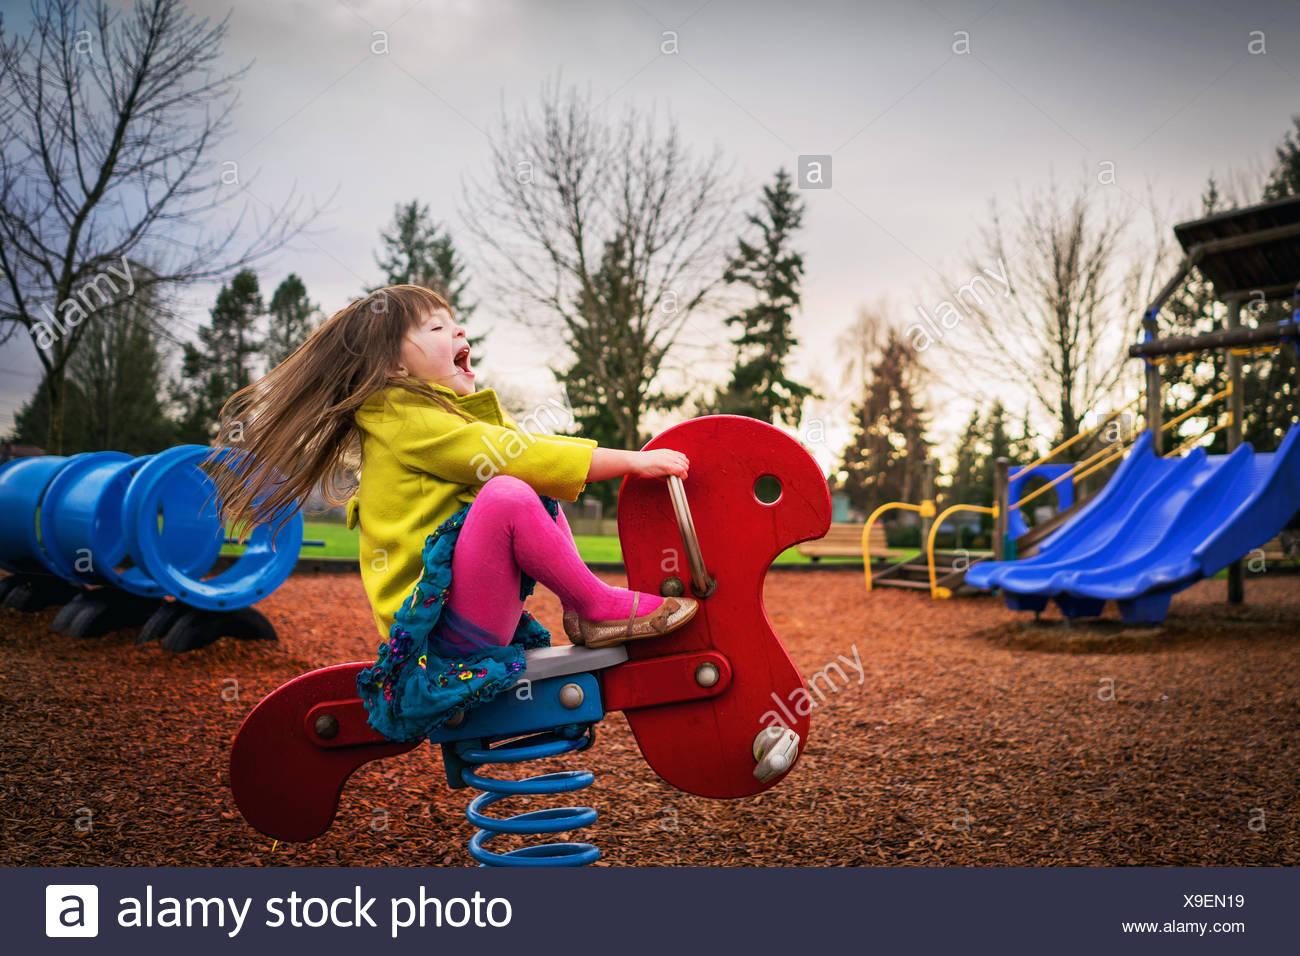 Mädchen sitzen auf Frühling reiten auf Spielplatz Stockfoto